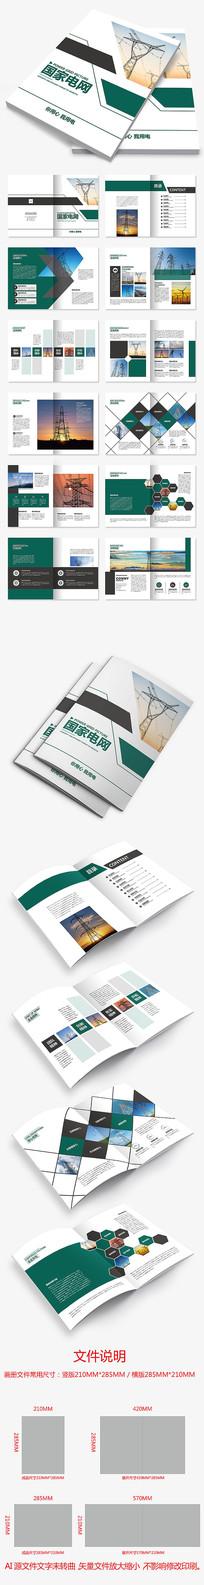 绿色能源科技国家电网电力公司画册